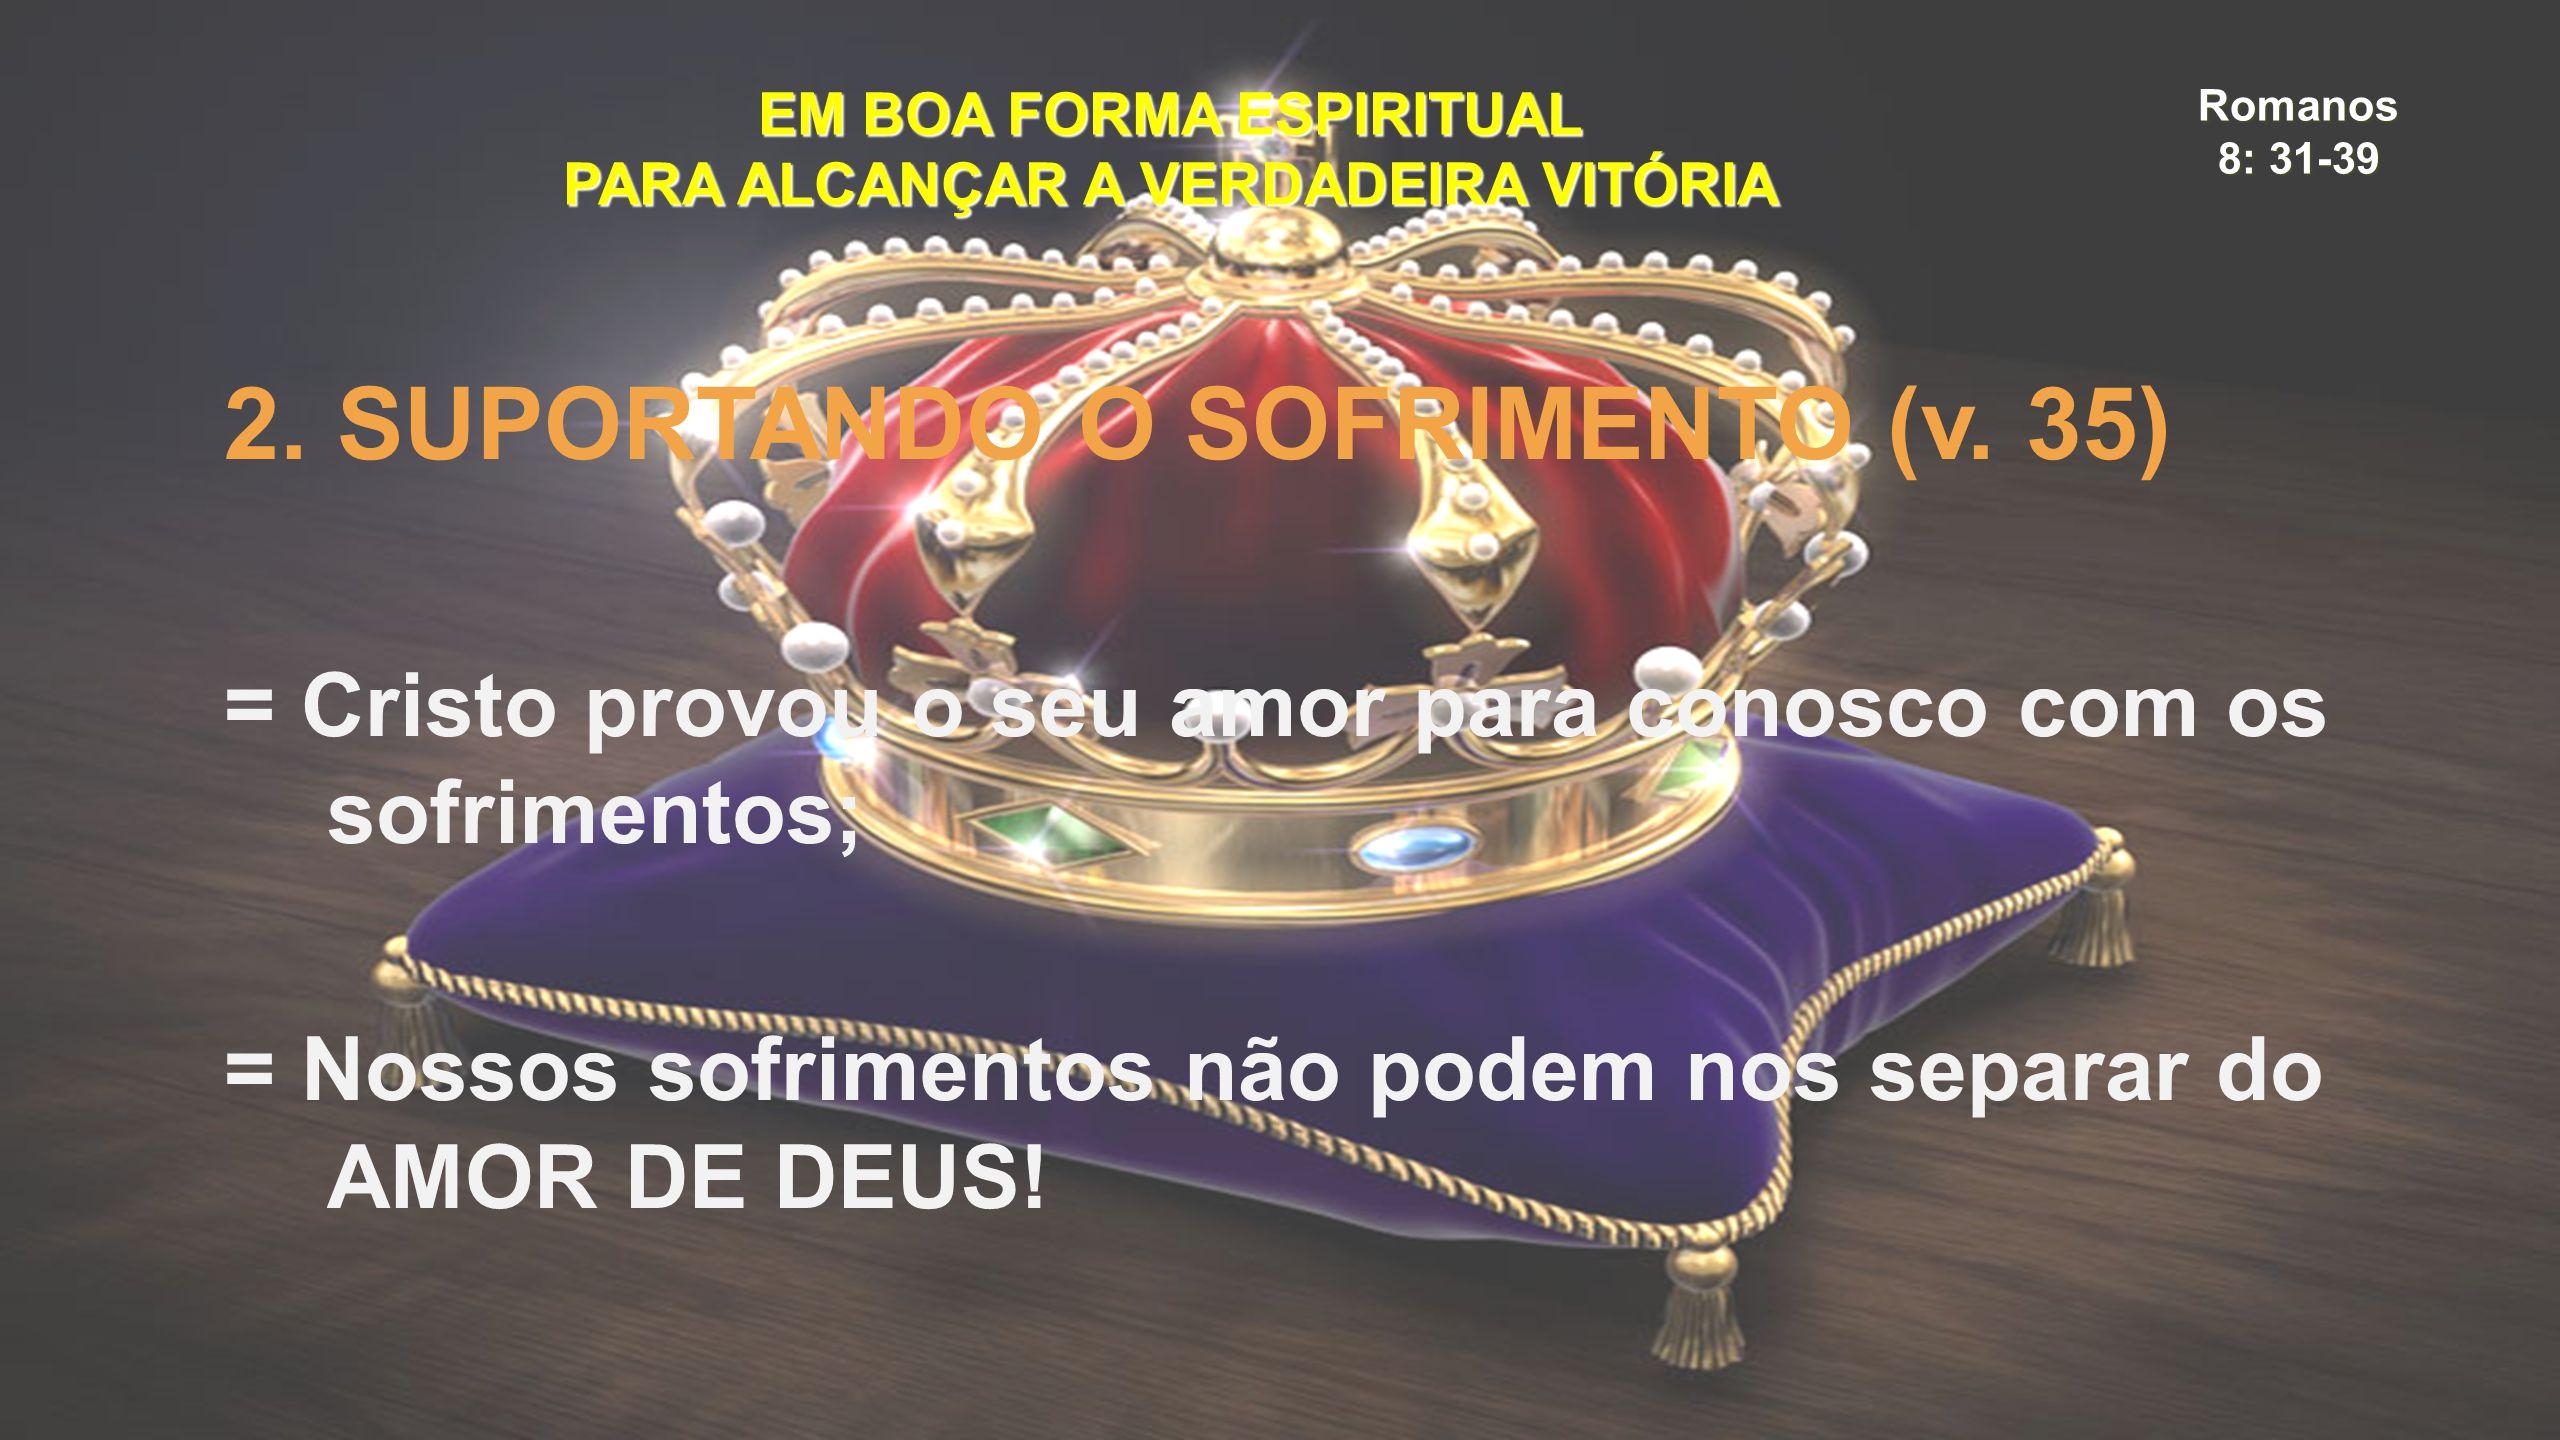 Romanos 8: 31-39 EM BOA FORMA ESPIRITUAL PARA ALCANÇAR A VERDADEIRA VITÓRIA 2. SUPORTANDO O SOFRIMENTO (v. 35) = Cristo provou o seu amor para conosco